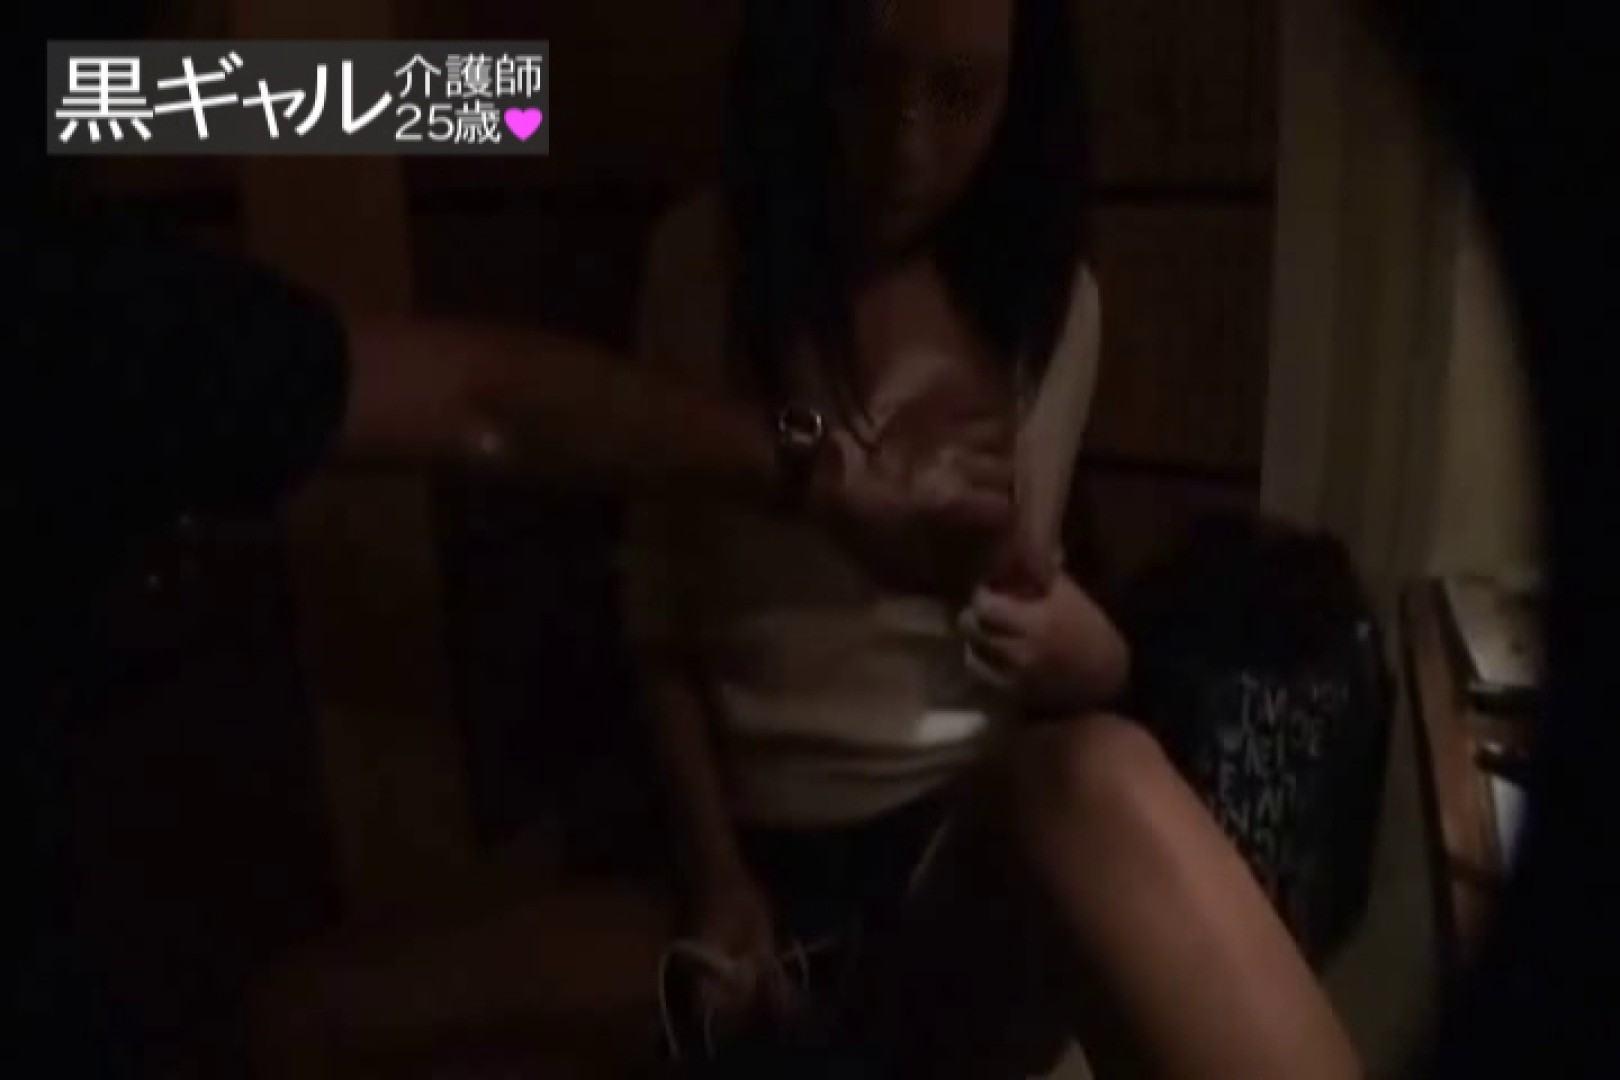 独占入手 従順M黒ギャル介護師25歳vol.3 ナンパ | ギャル  70pic 1